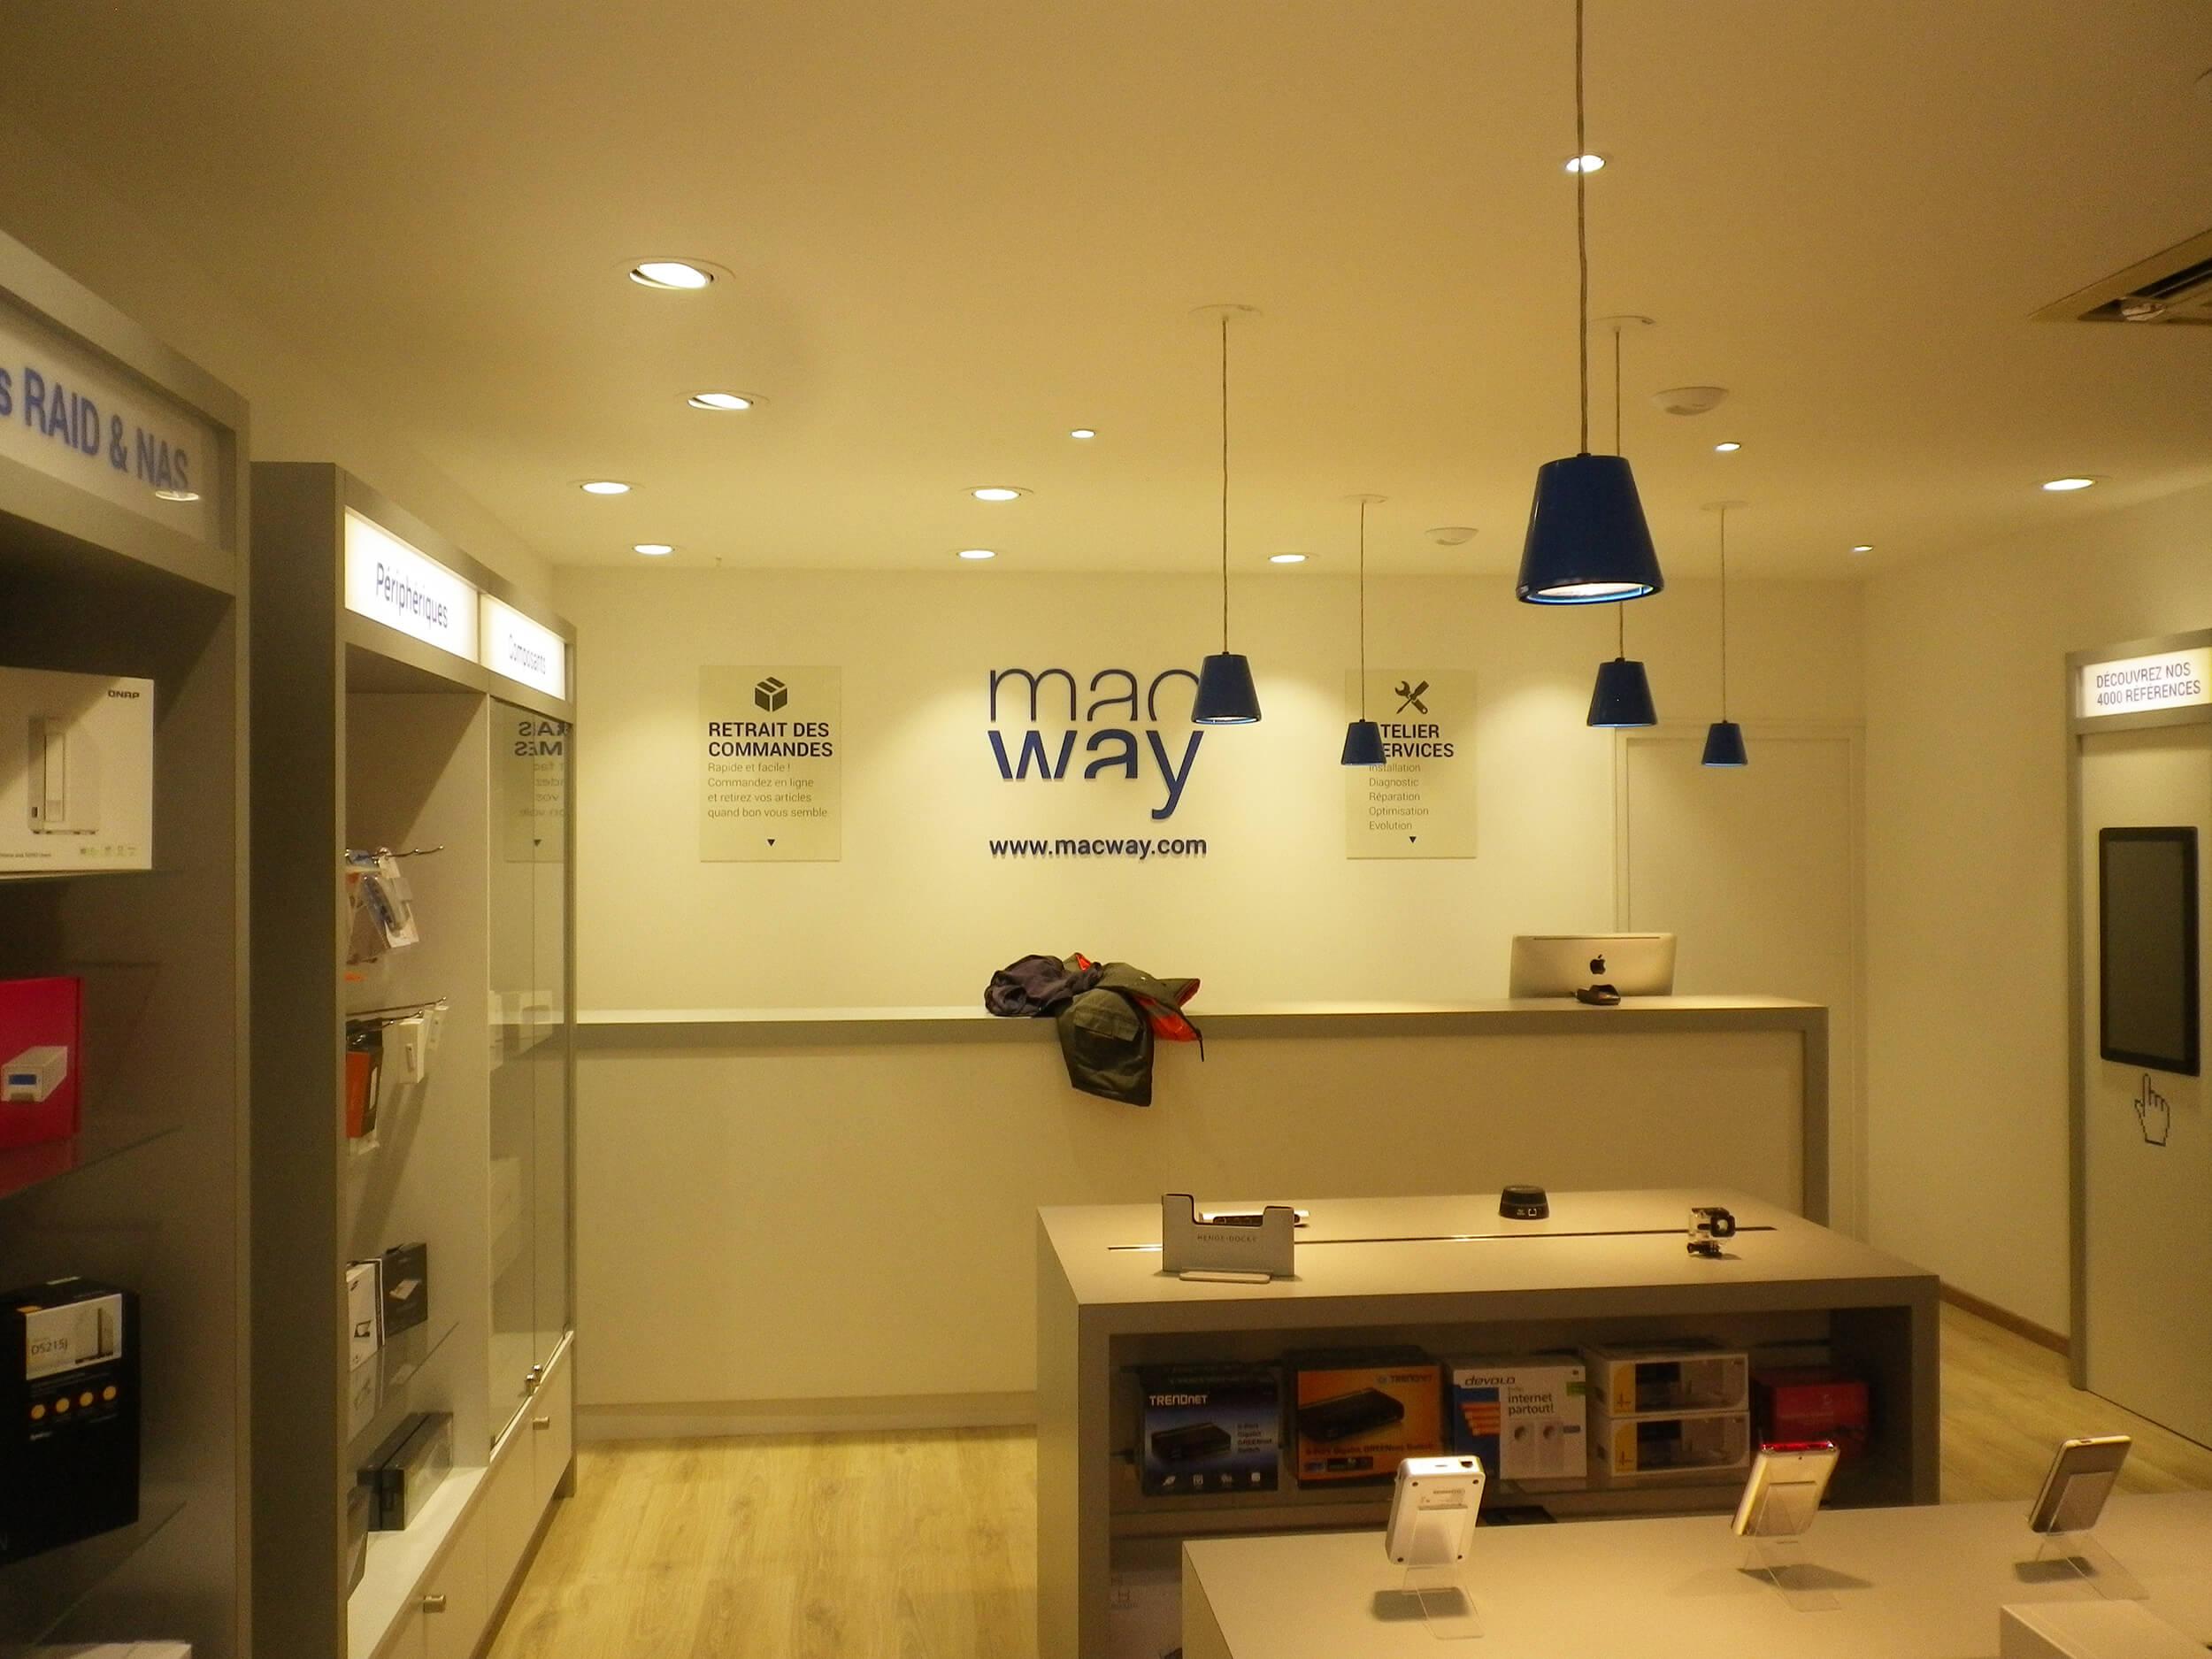 fabricant poseur de signal tique int rieure et ext rieure de magasin. Black Bedroom Furniture Sets. Home Design Ideas